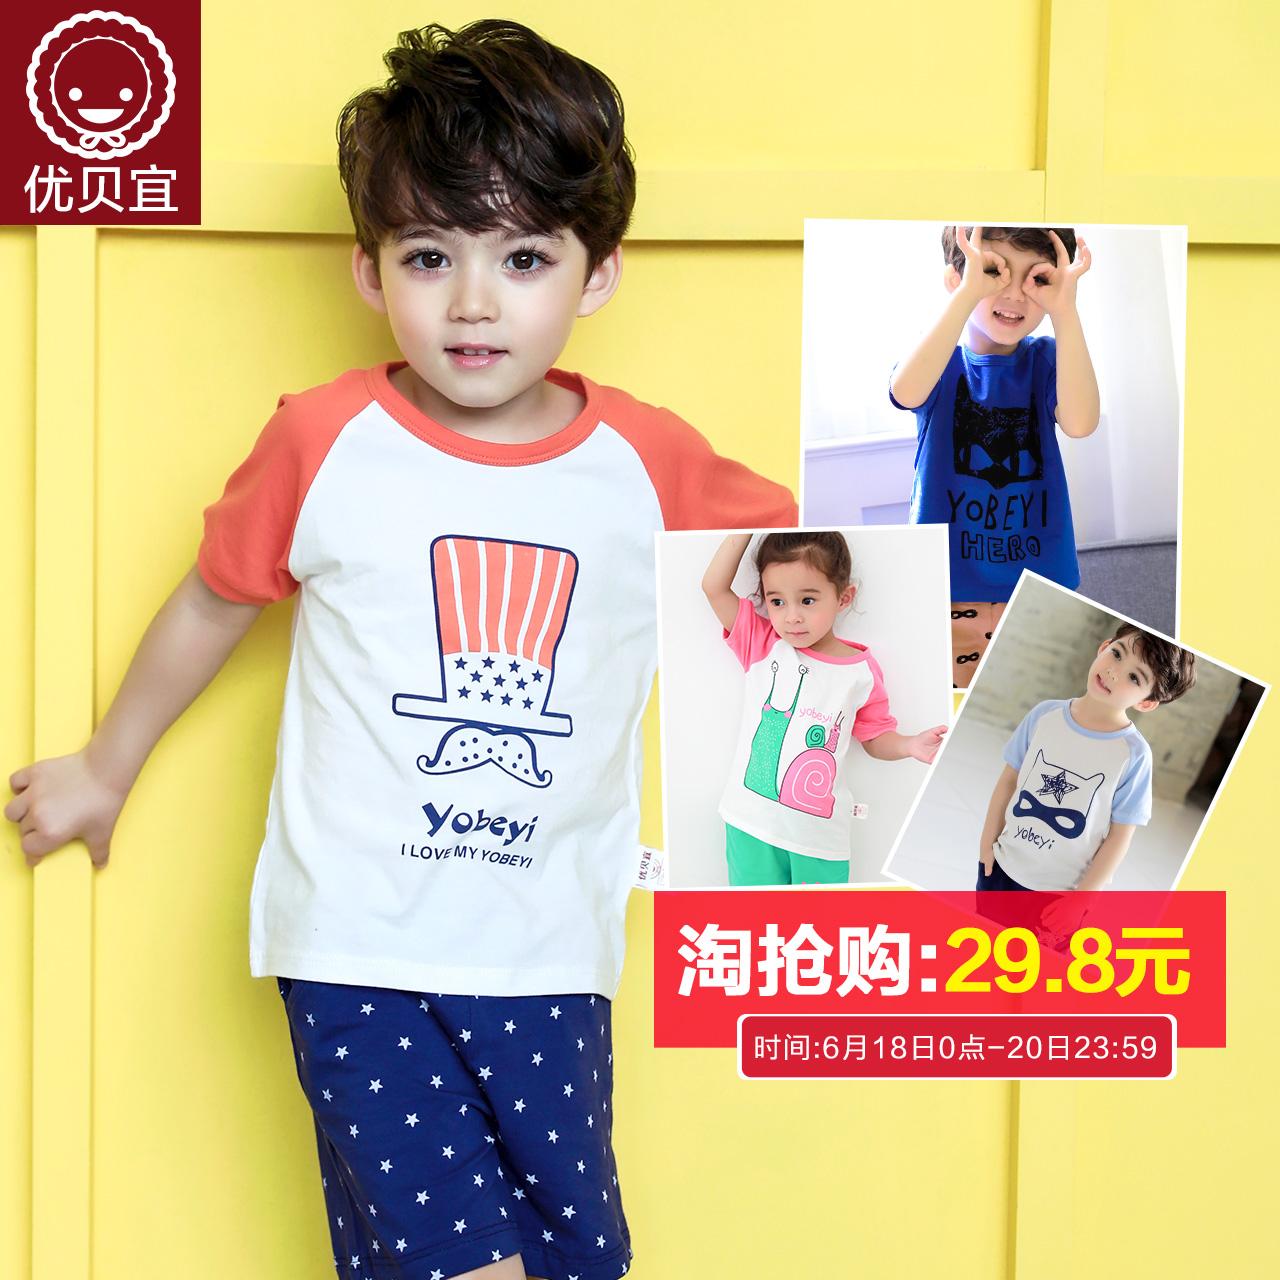 优贝宜 儿童t恤夏季薄款婴儿衣服 宝宝夏装童装男童女童短袖套装